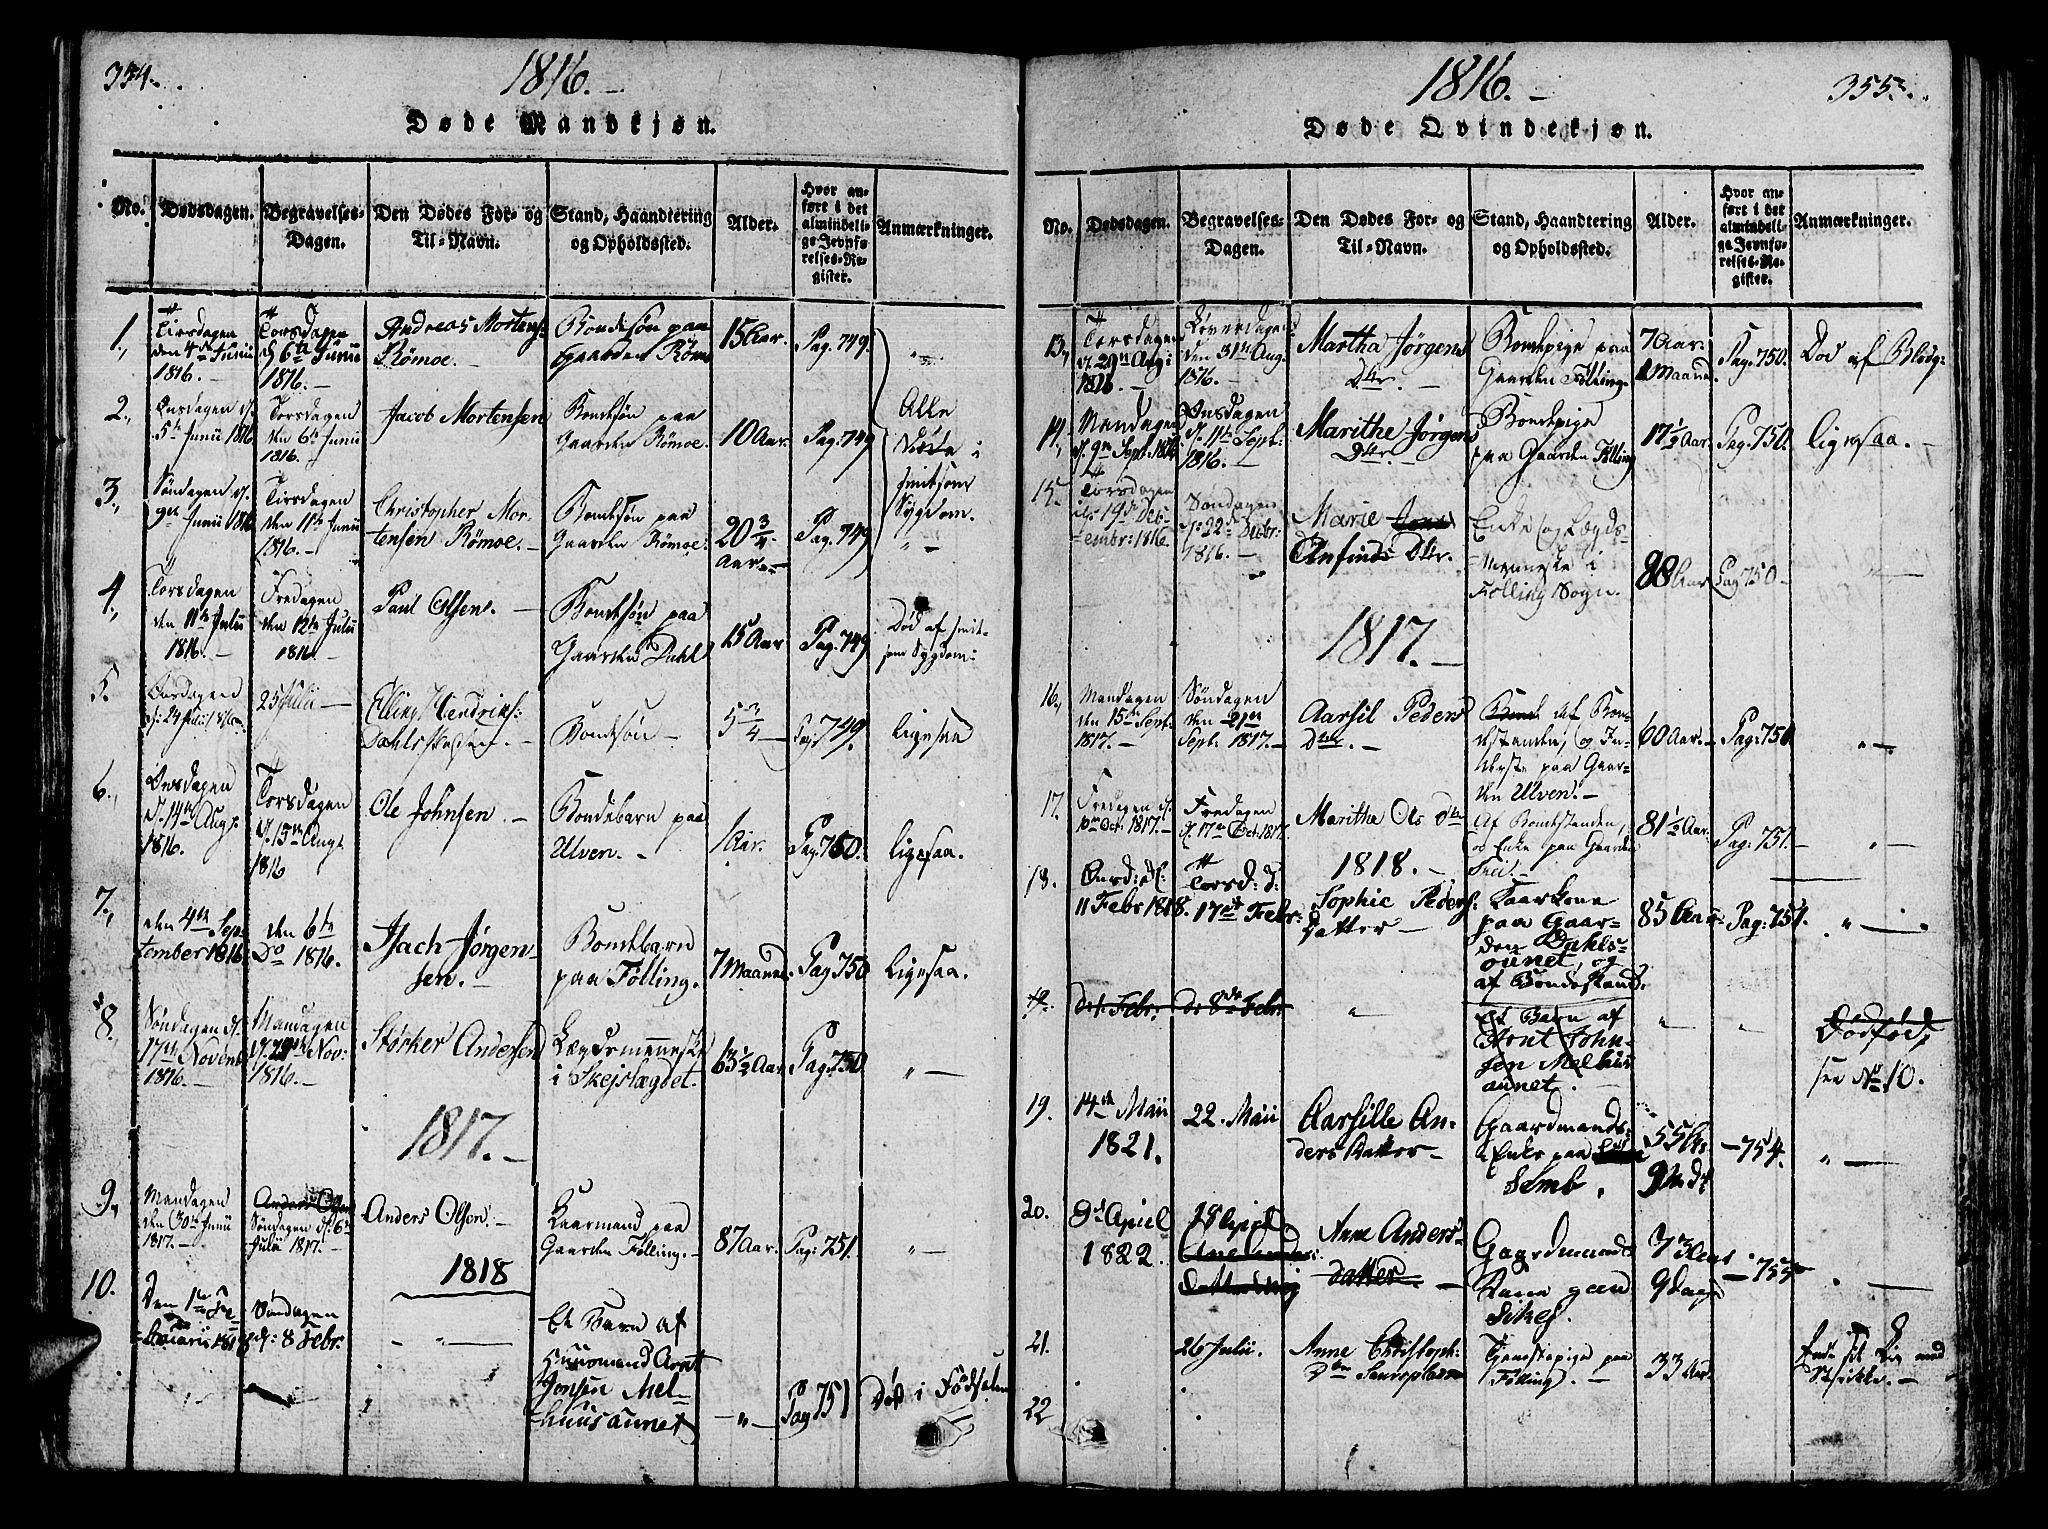 SAT, Ministerialprotokoller, klokkerbøker og fødselsregistre - Nord-Trøndelag, 746/L0441: Ministerialbok nr. 746A03 /4, 1816-1827, s. 354-355